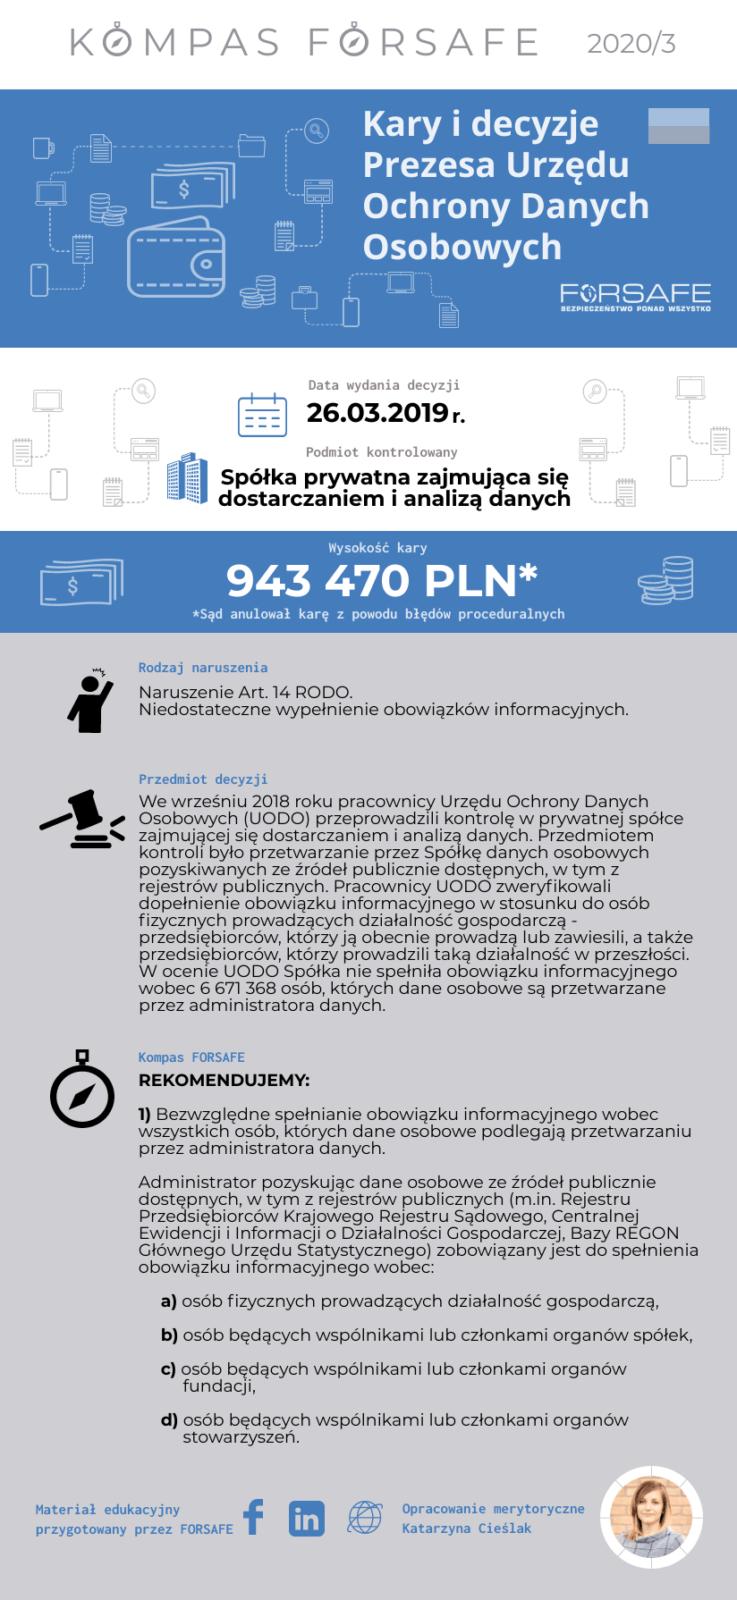 kompas forsafe pl 2020 3 KOMPAS FORSAFE PL 2020/3